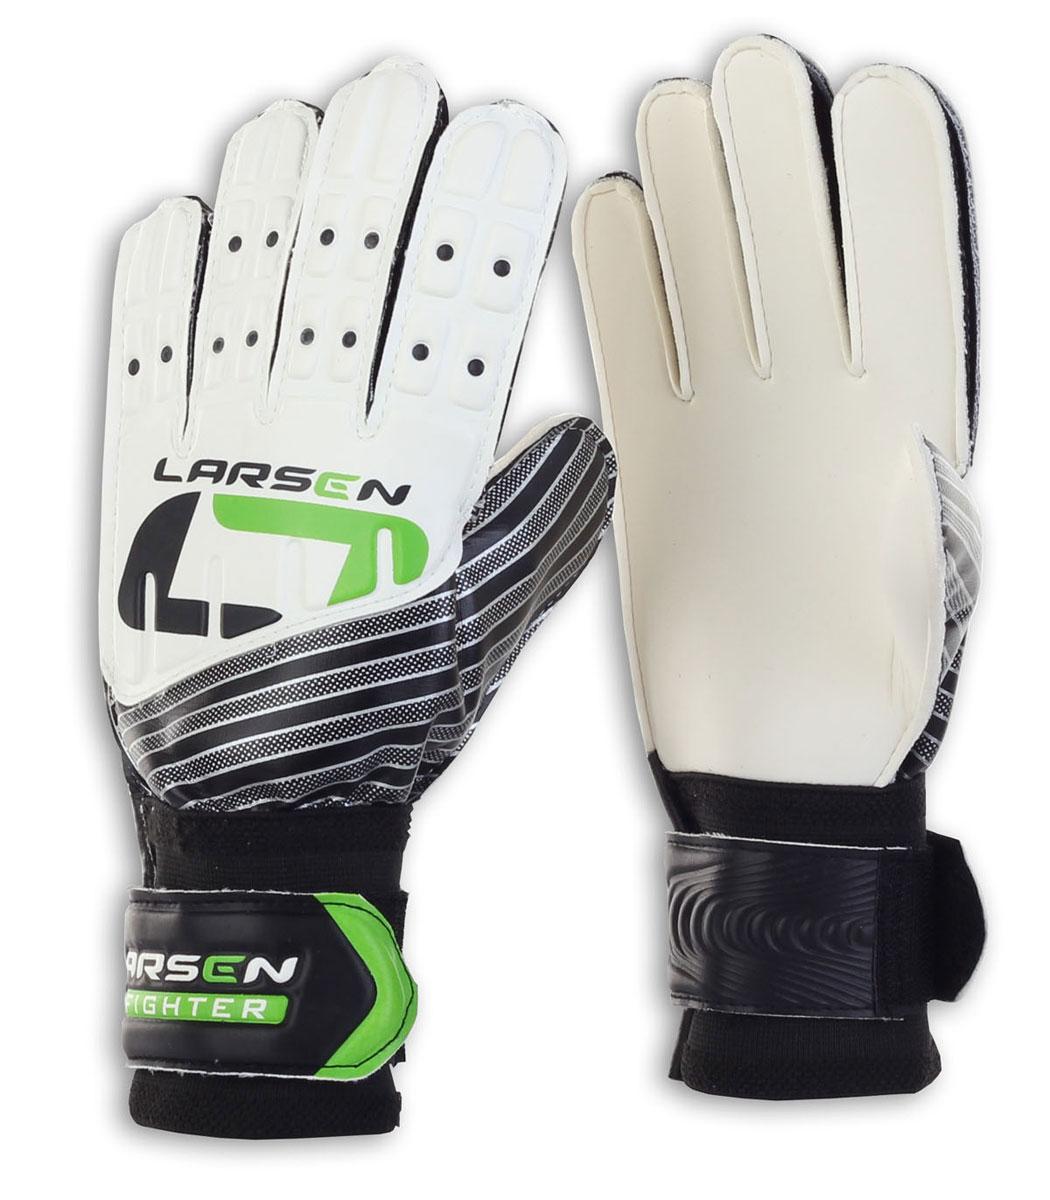 Перчатки вратарские Larsen  Fighter , цвет: черный, зеленый. Размер 7 - Футбол